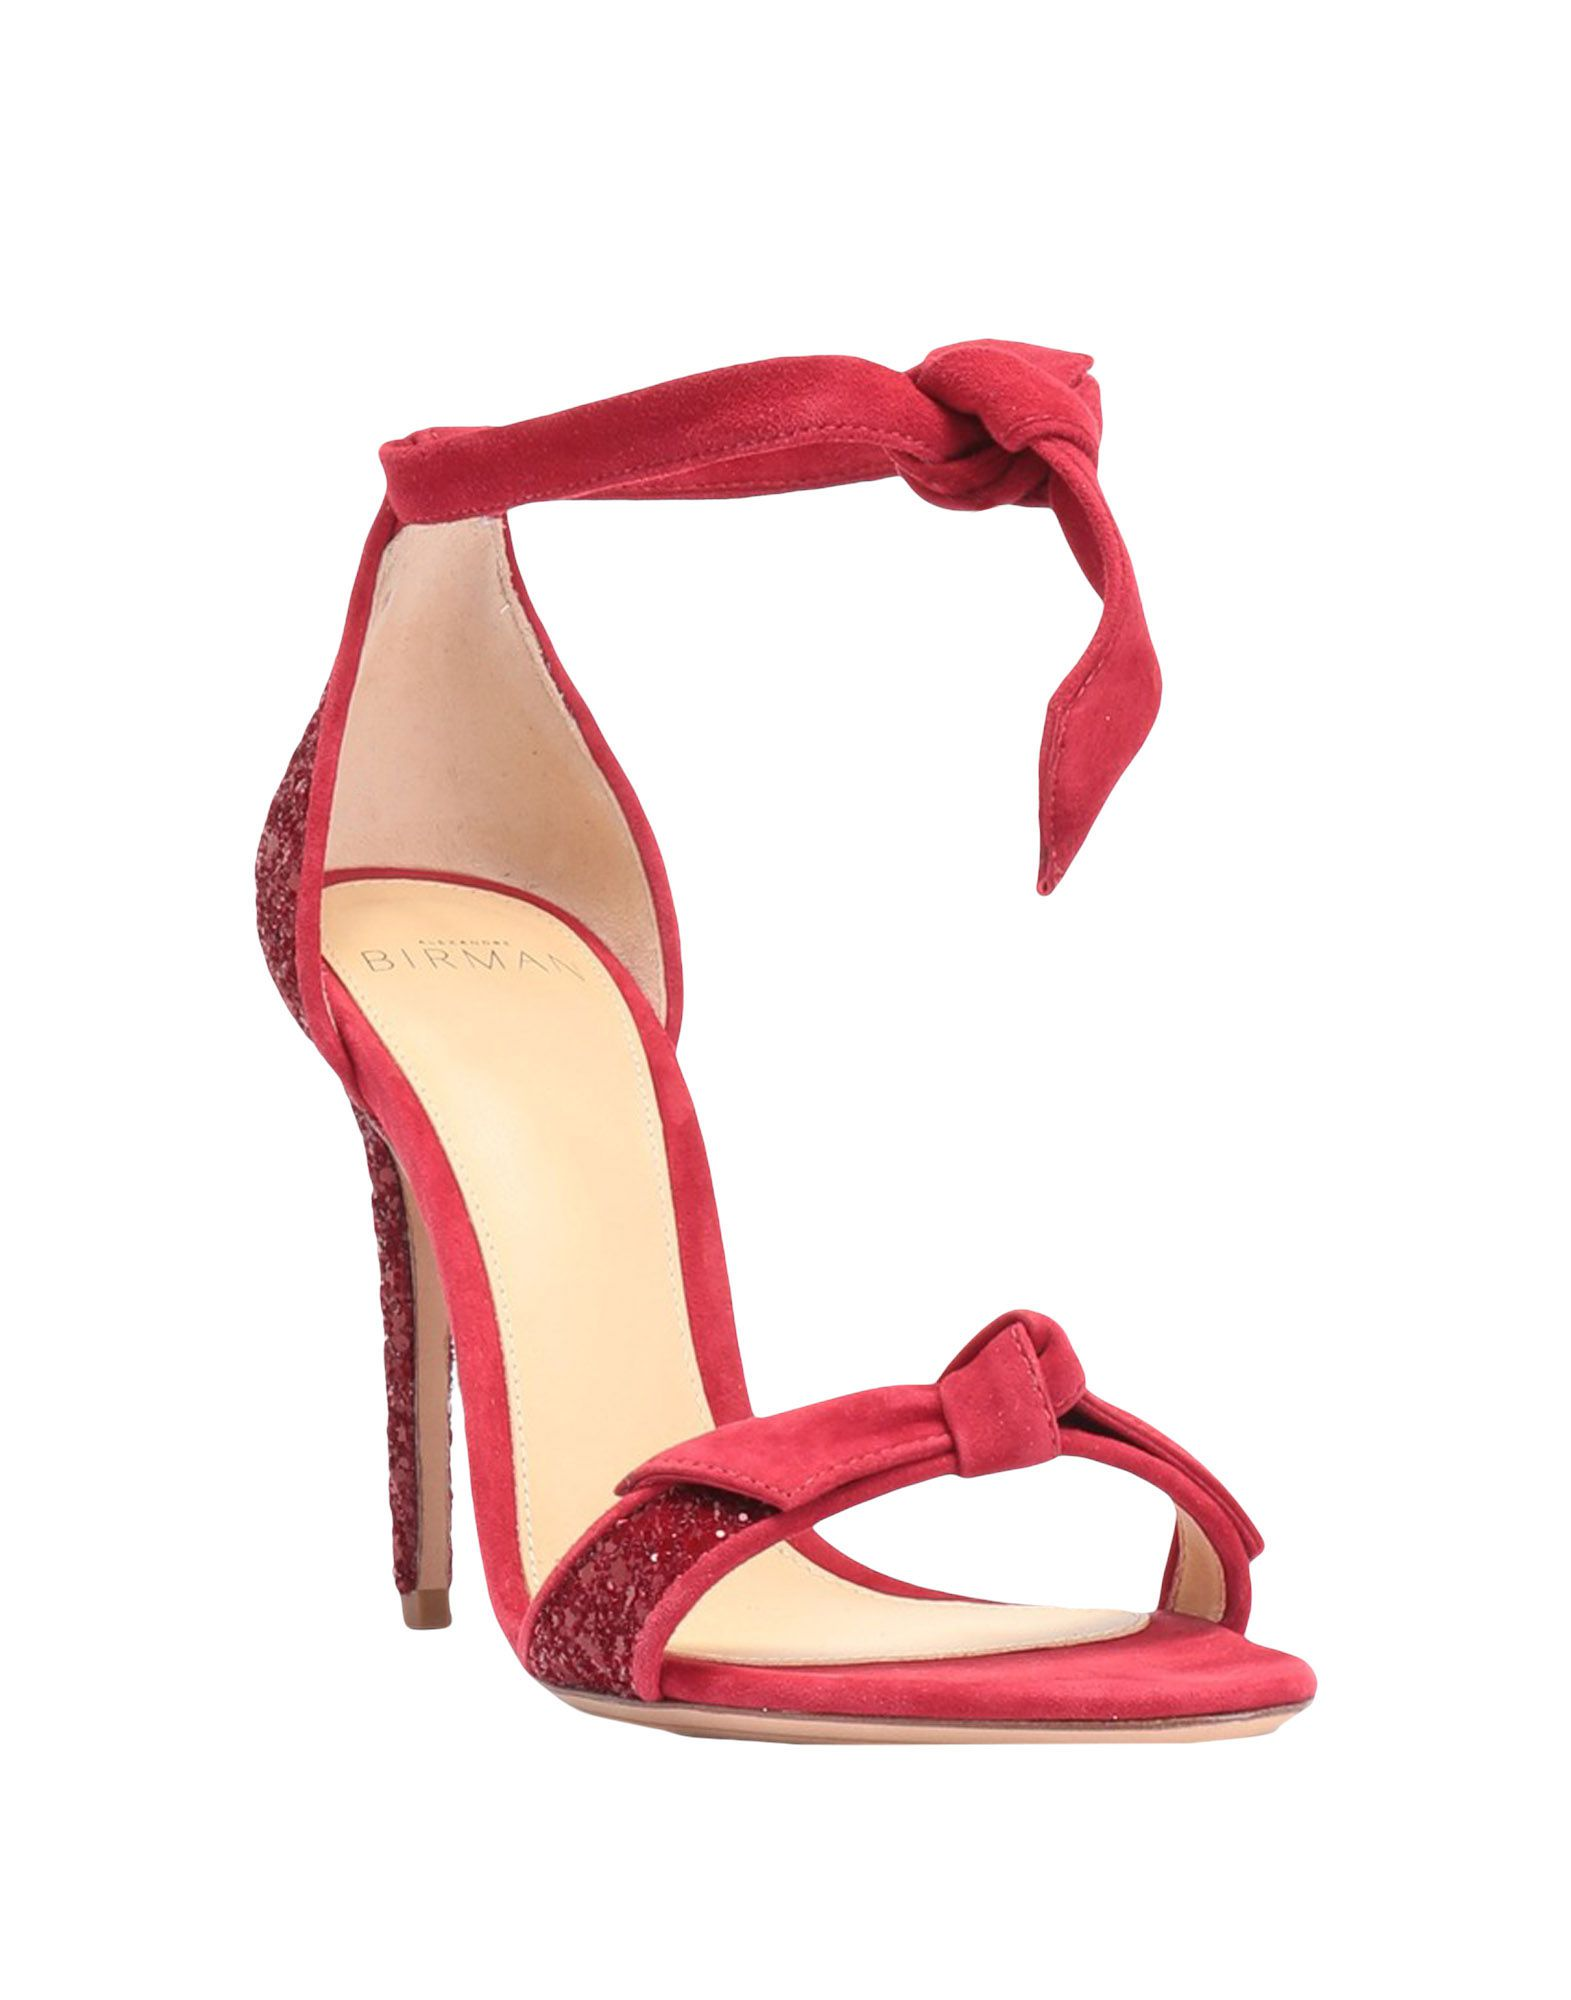 Rabatt Damen Schuhe Alexandre Birman Sandalen Damen Rabatt  11517208SQ e2f5df